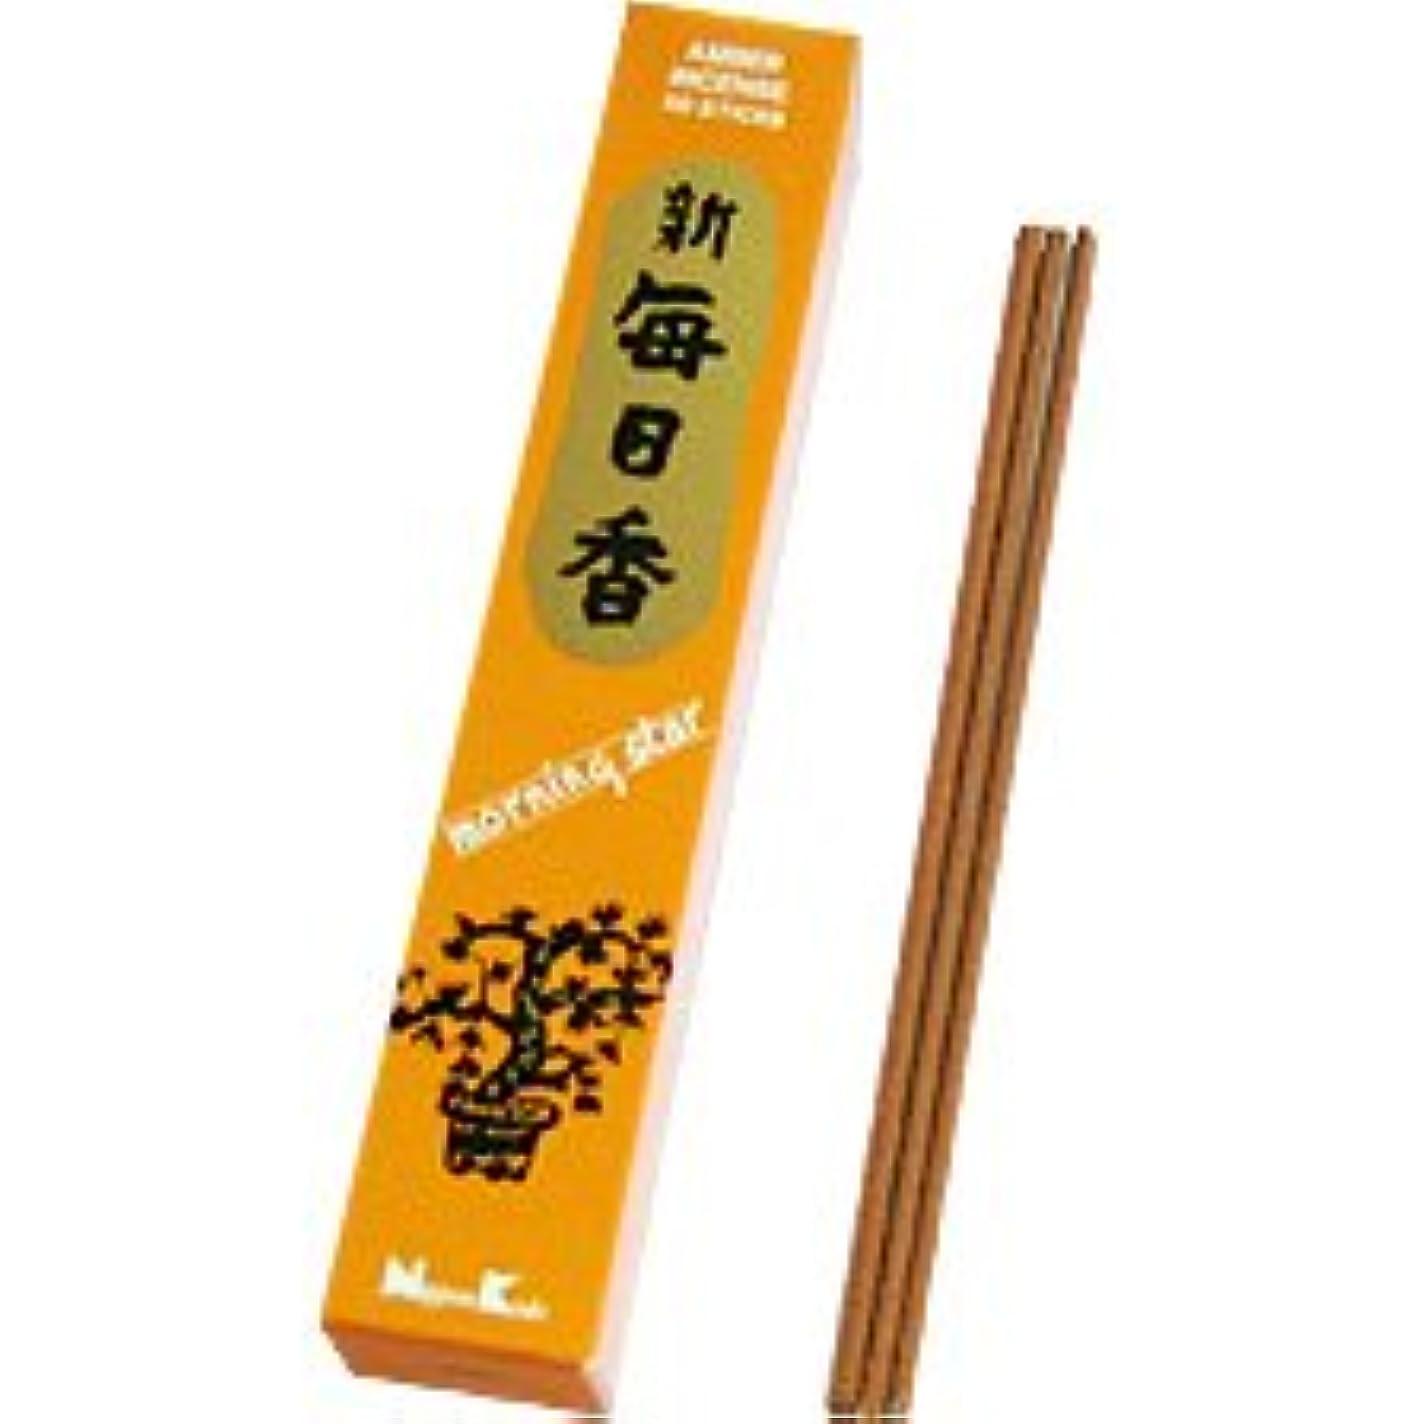 主権者大胆不敵シリーズMorning Star Amber Incense Sticks 50